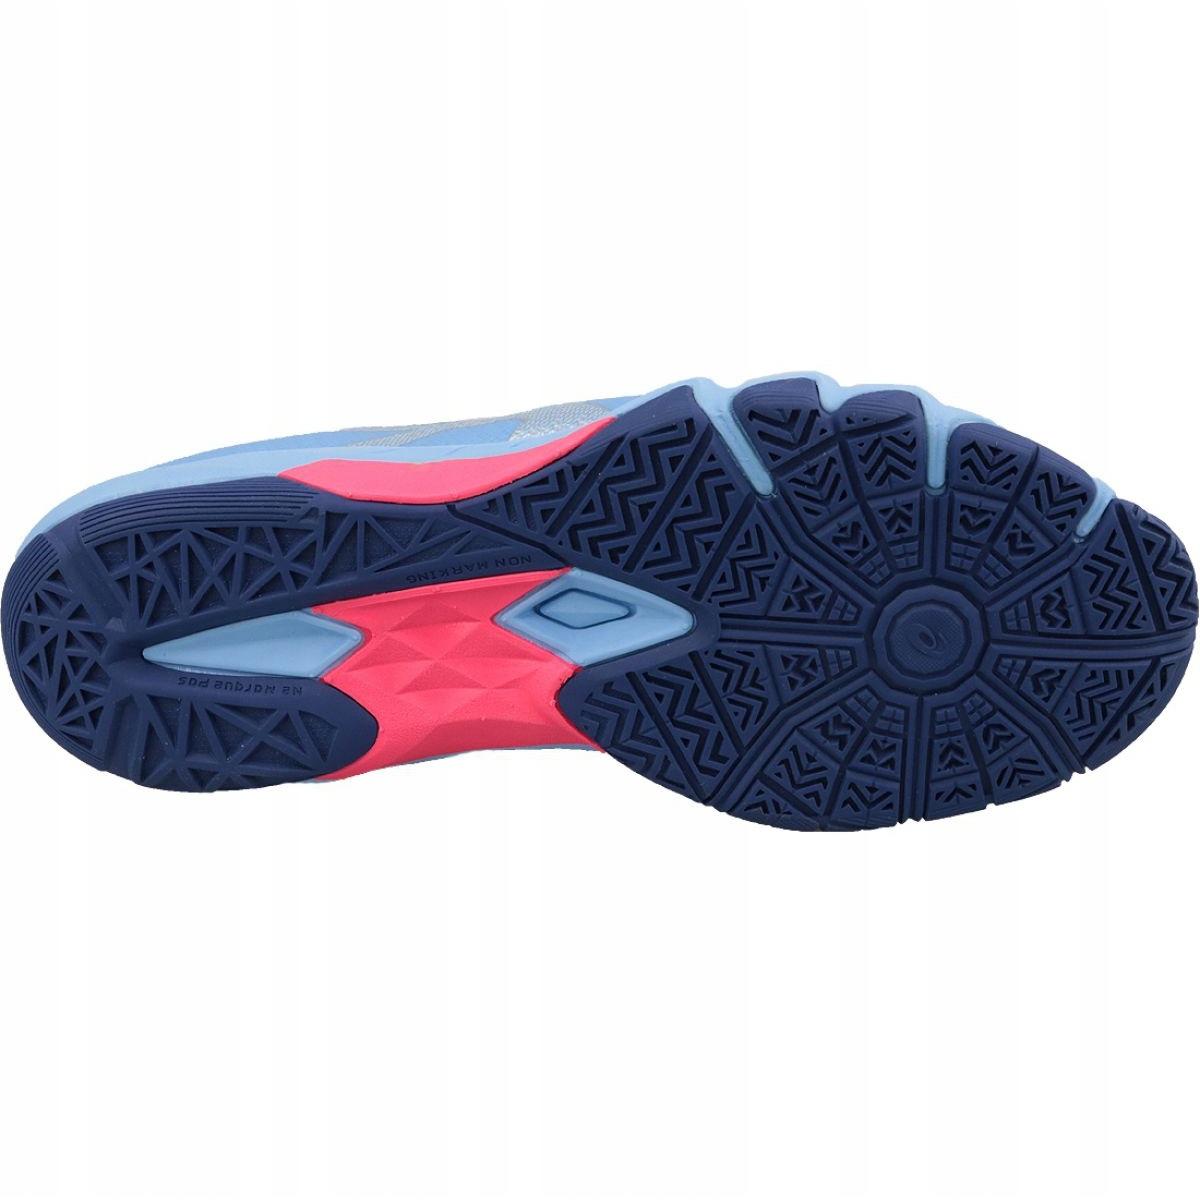 Shoes Gel 400 6 Asics W Squash R753n Blade dxCeWrBo